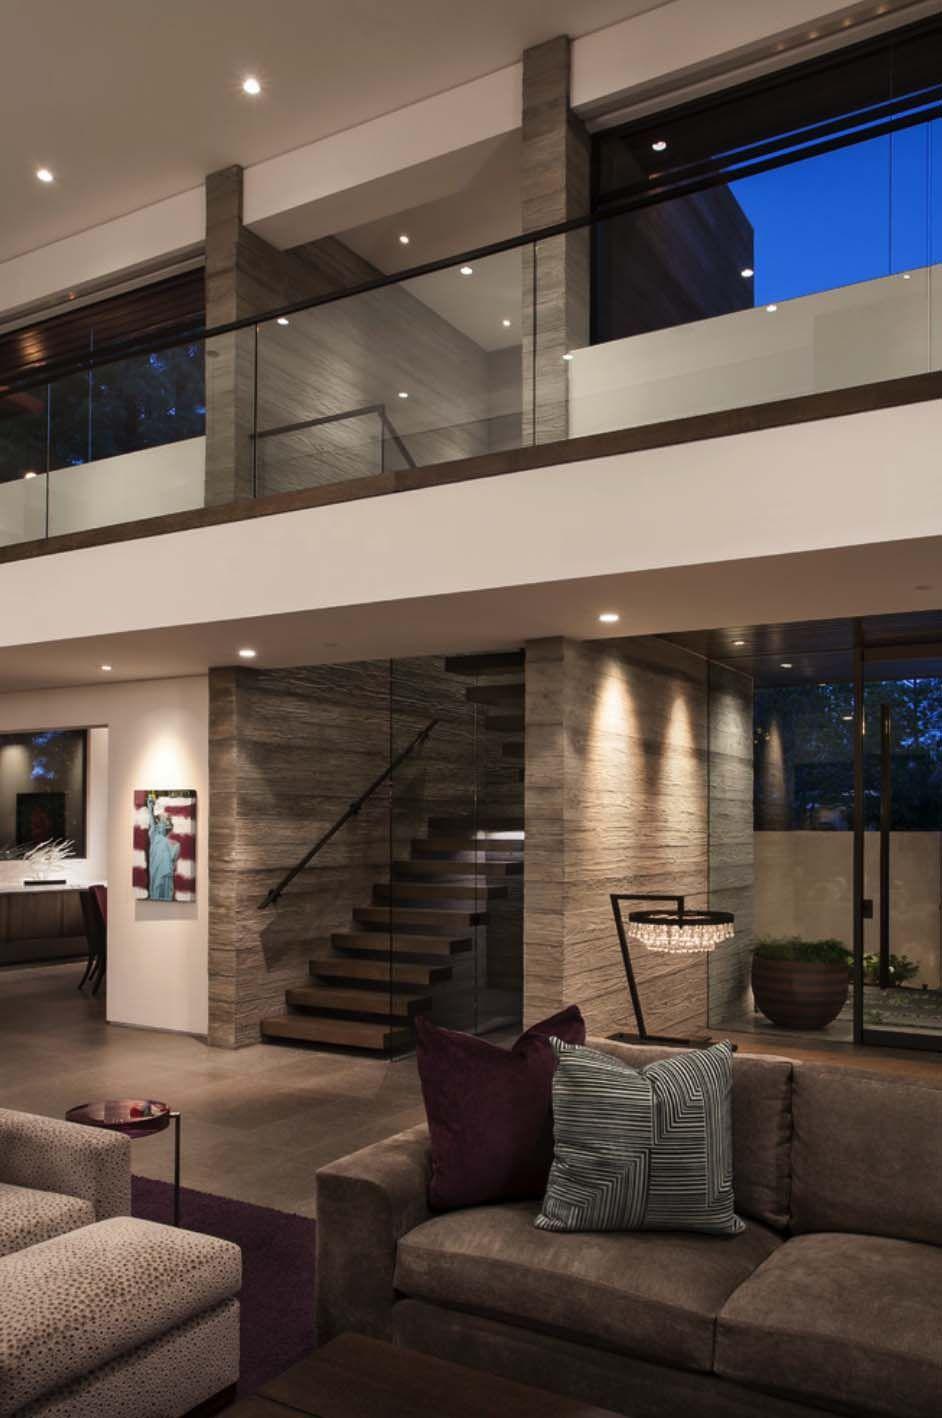 Modest Facade Reveals Sumptuous Interiors In Corona Del Mar Modern House Design Contemporary House Dream Home Design